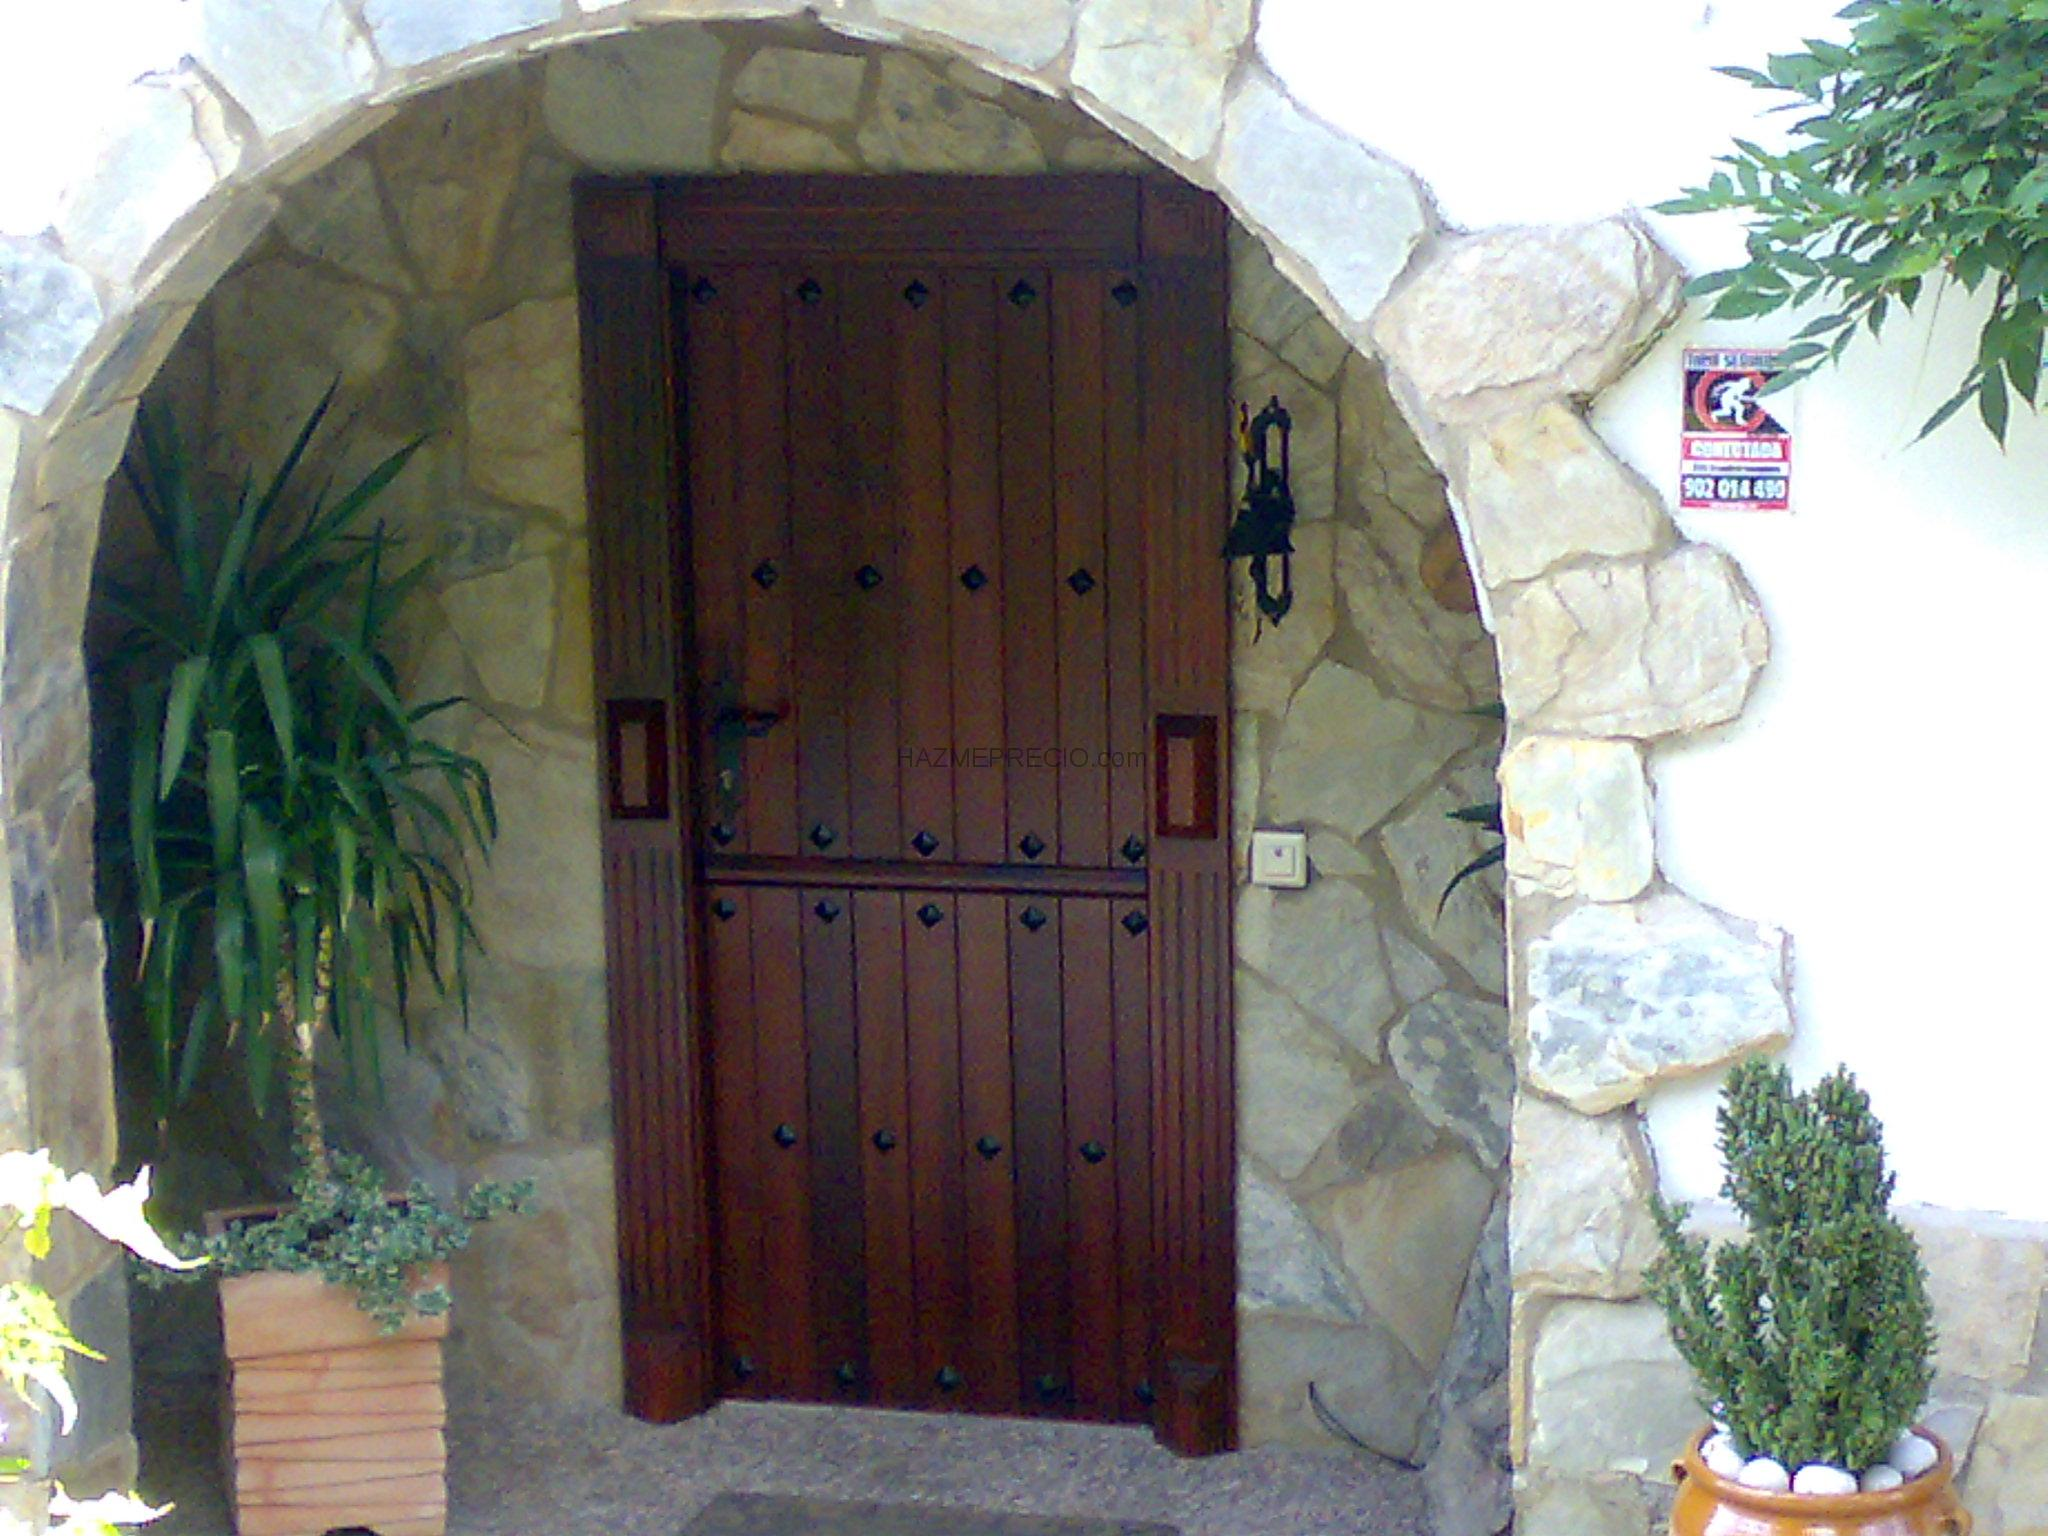 Presupuesto para suministrar puertas de interior 6 ciegas y 2 cristal oviedo asturias - Puertas interior asturias ...